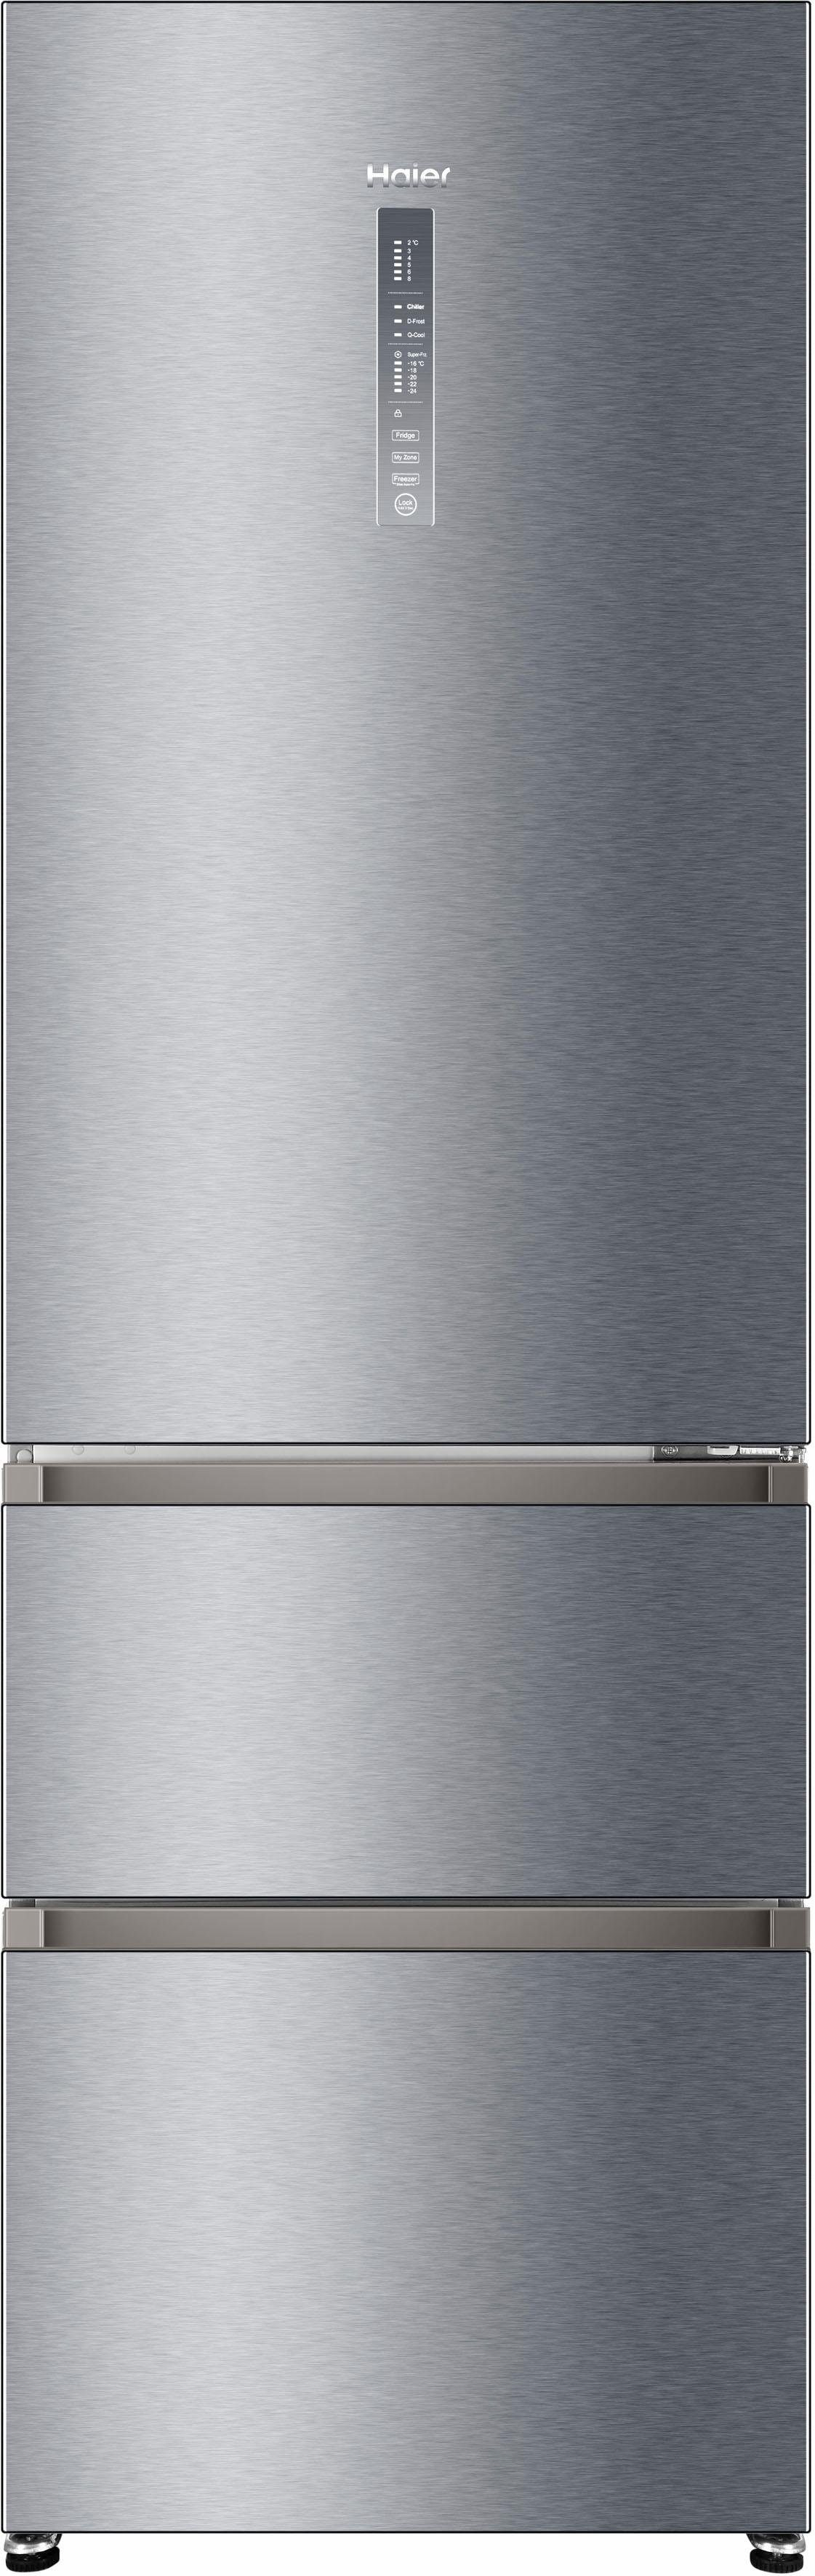 Haier Kühl-/Gefrierkombination A3FE735CGJE, 190 cm hoch, 60 cm breit